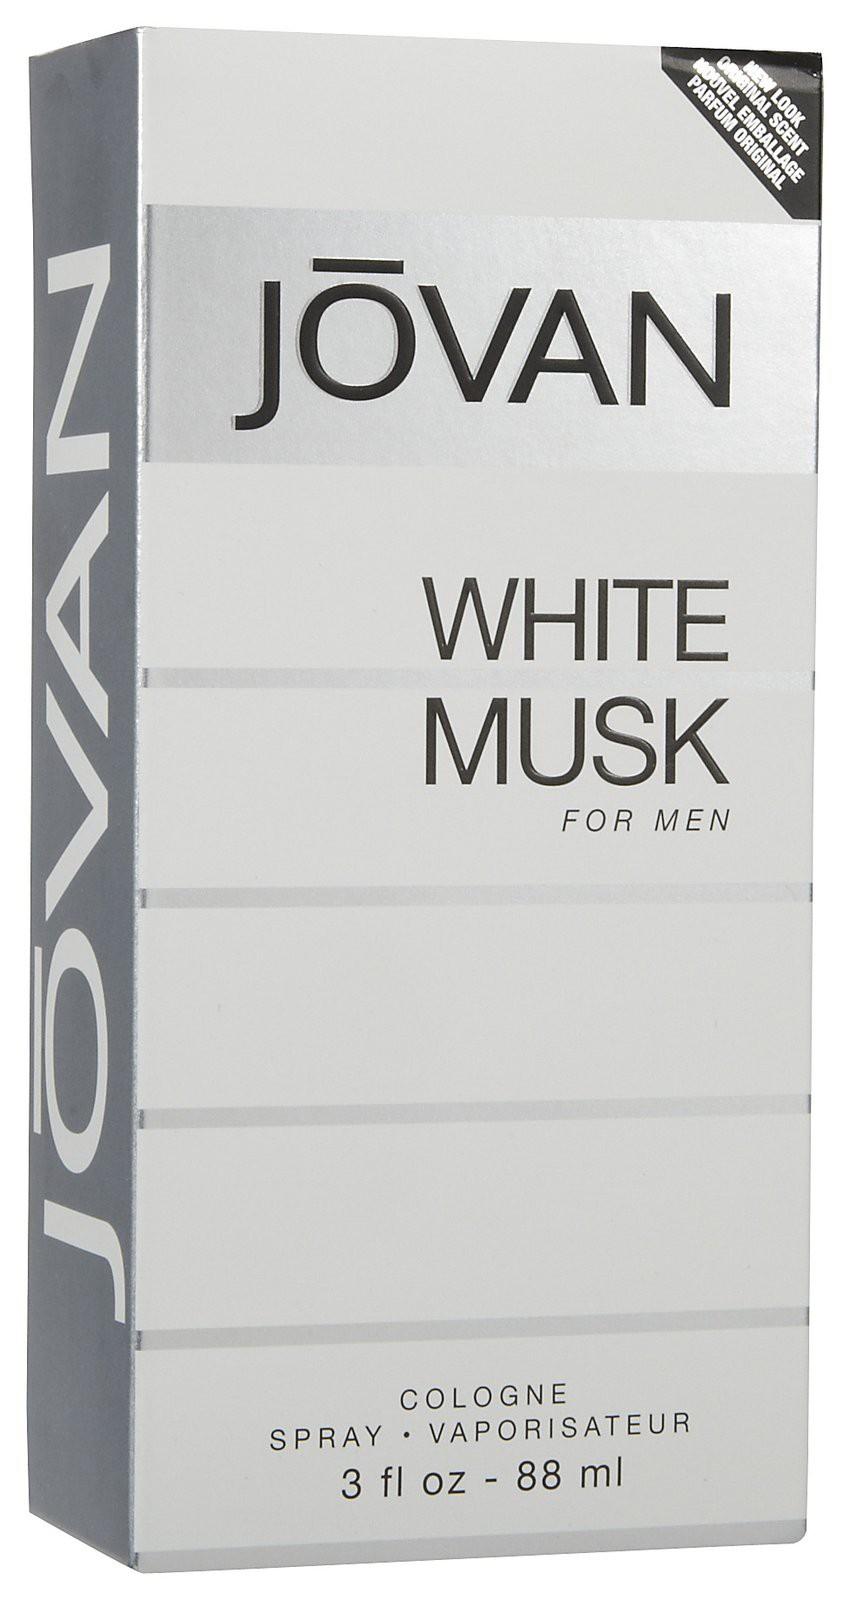 Jovan White Musk for Men аромат для мужчин